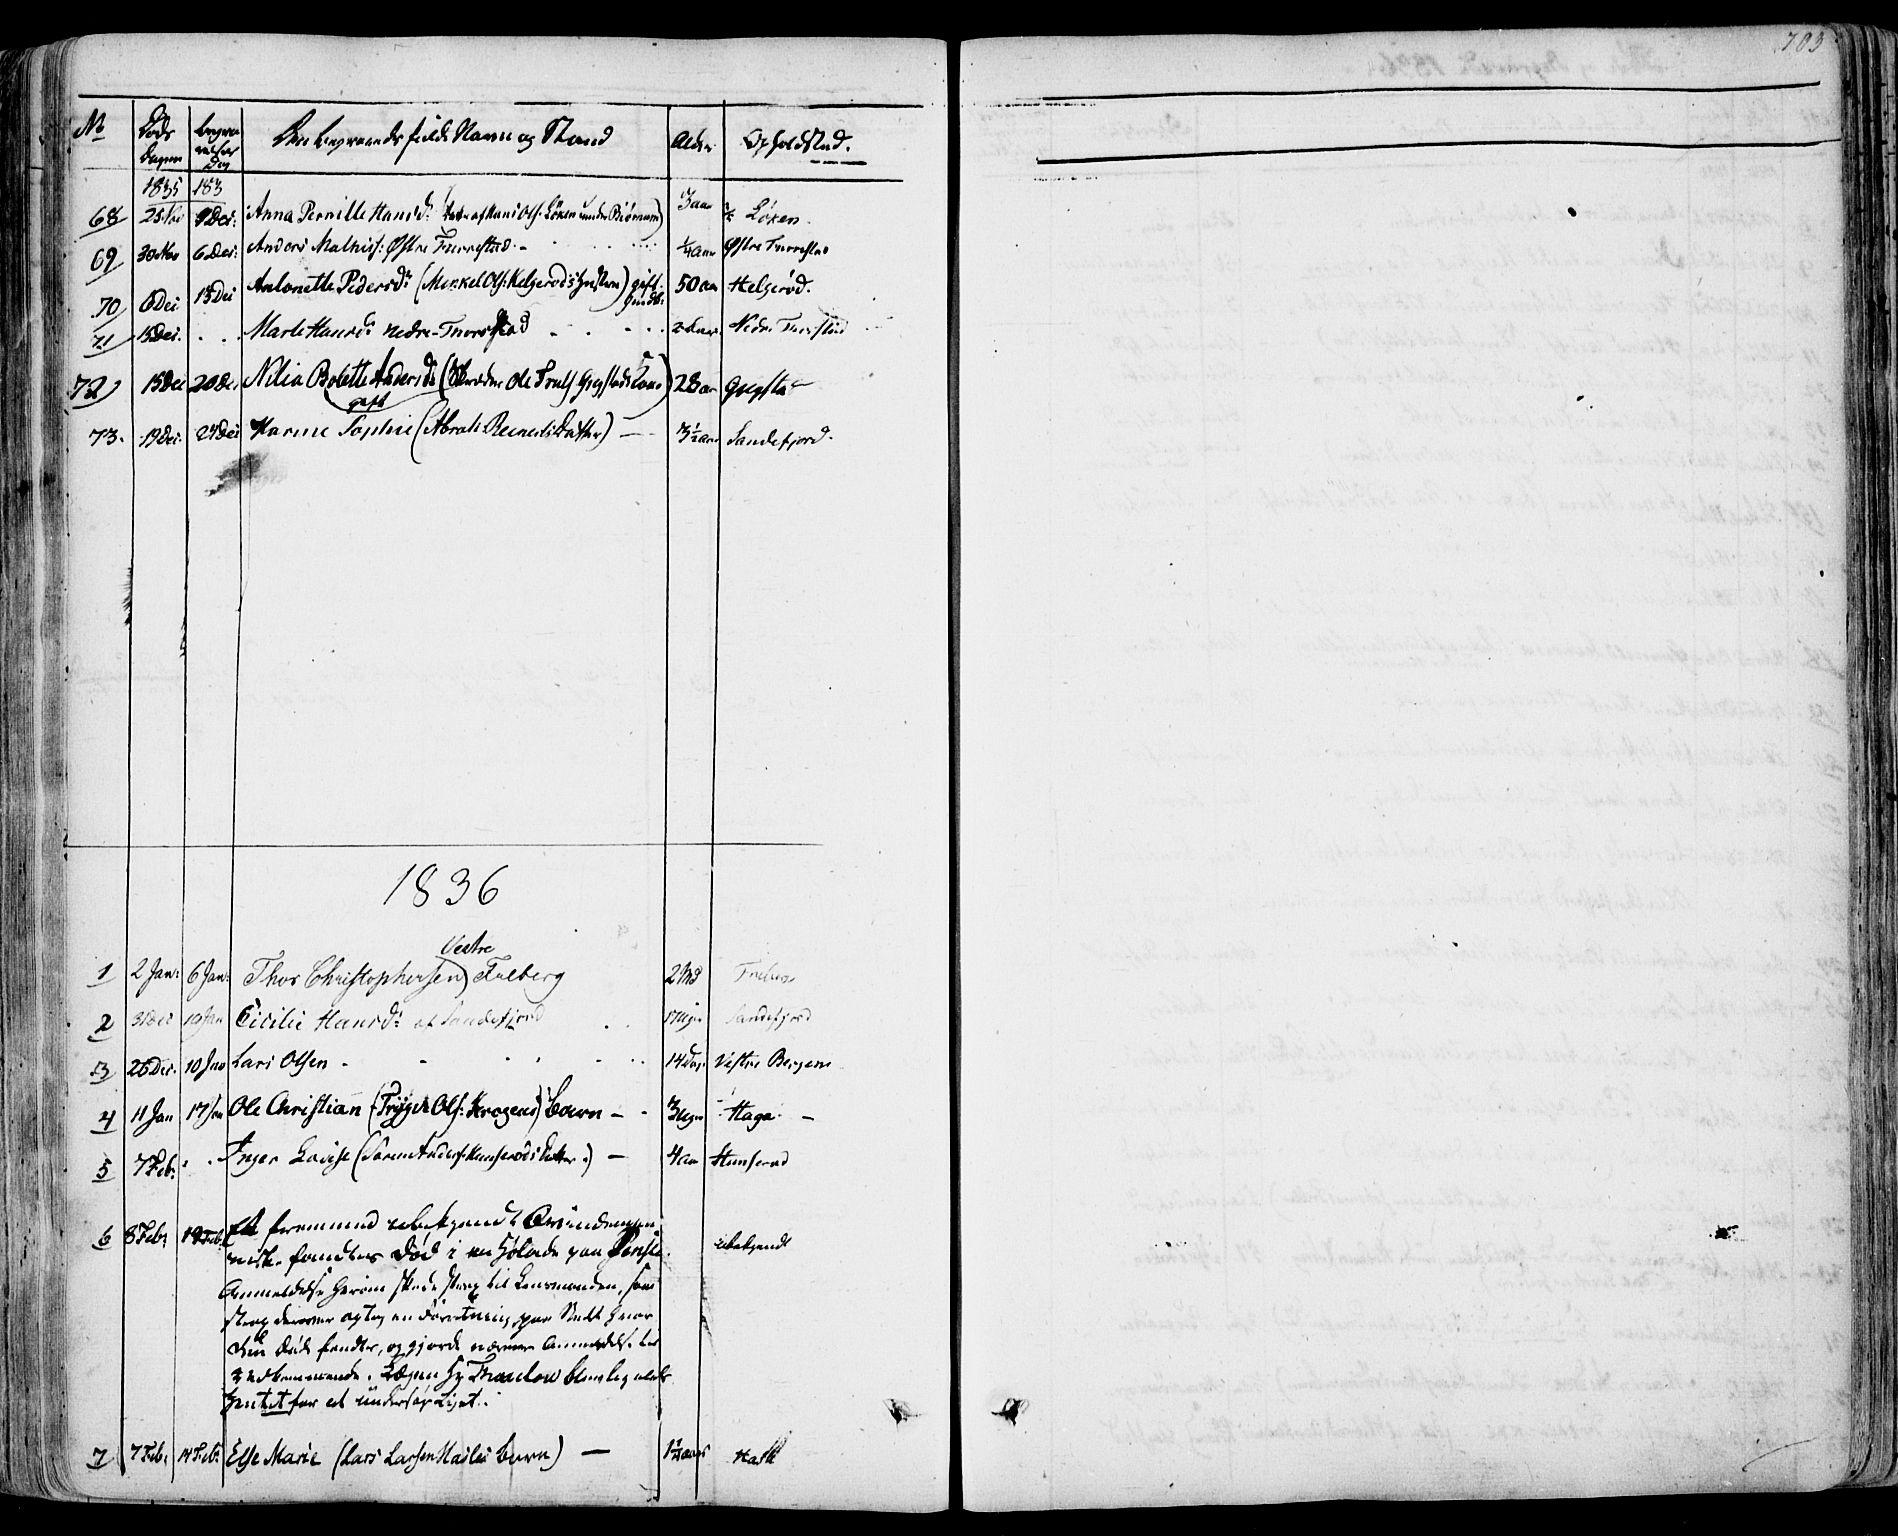 SAKO, Sandar kirkebøker, F/Fa/L0005: Ministerialbok nr. 5, 1832-1847, s. 702-703